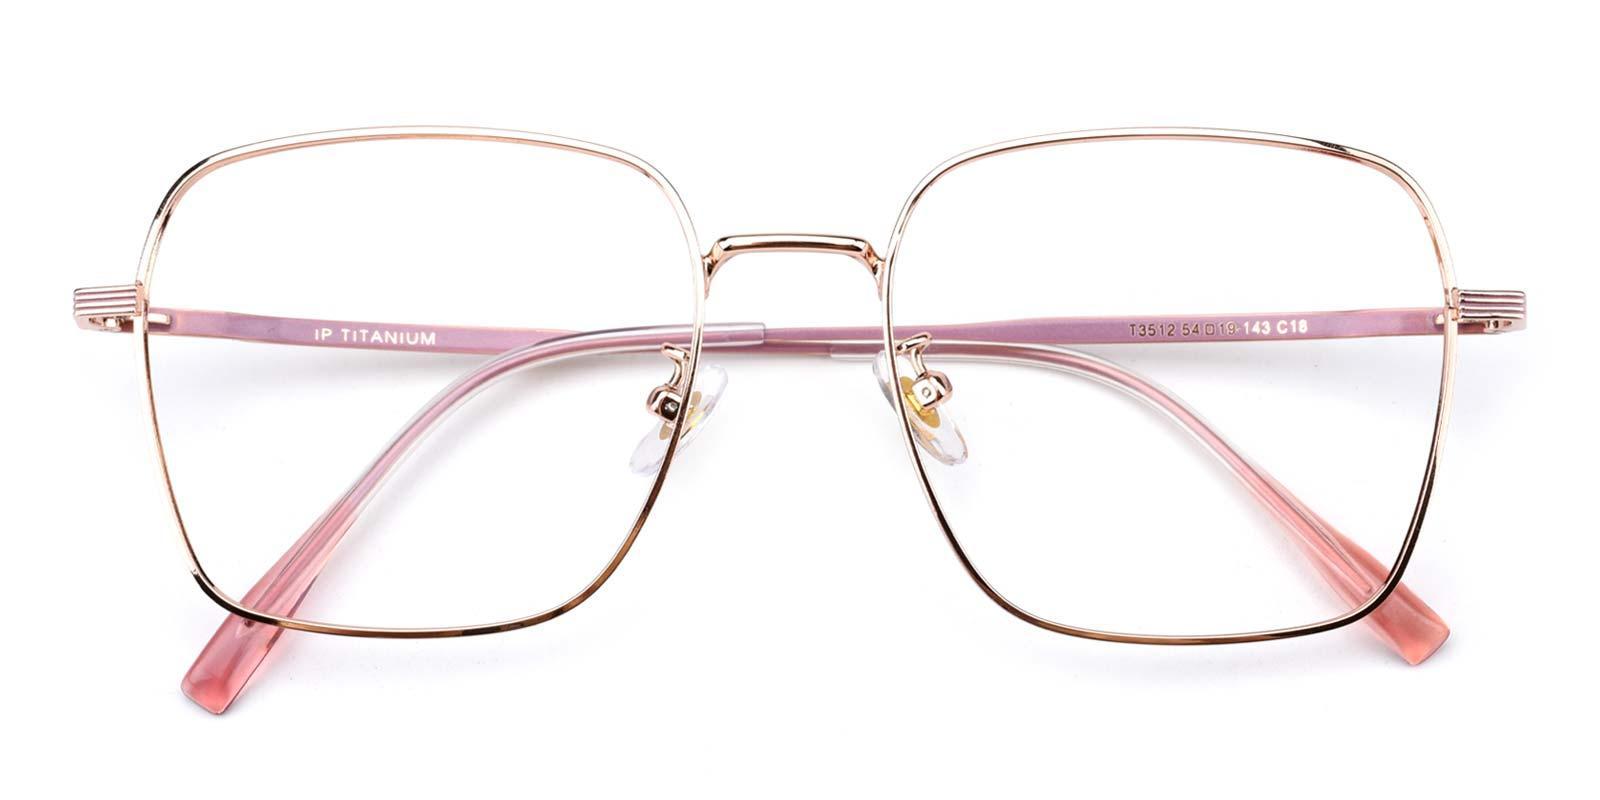 Joa-Pink-Square-Titanium-Eyeglasses-detail